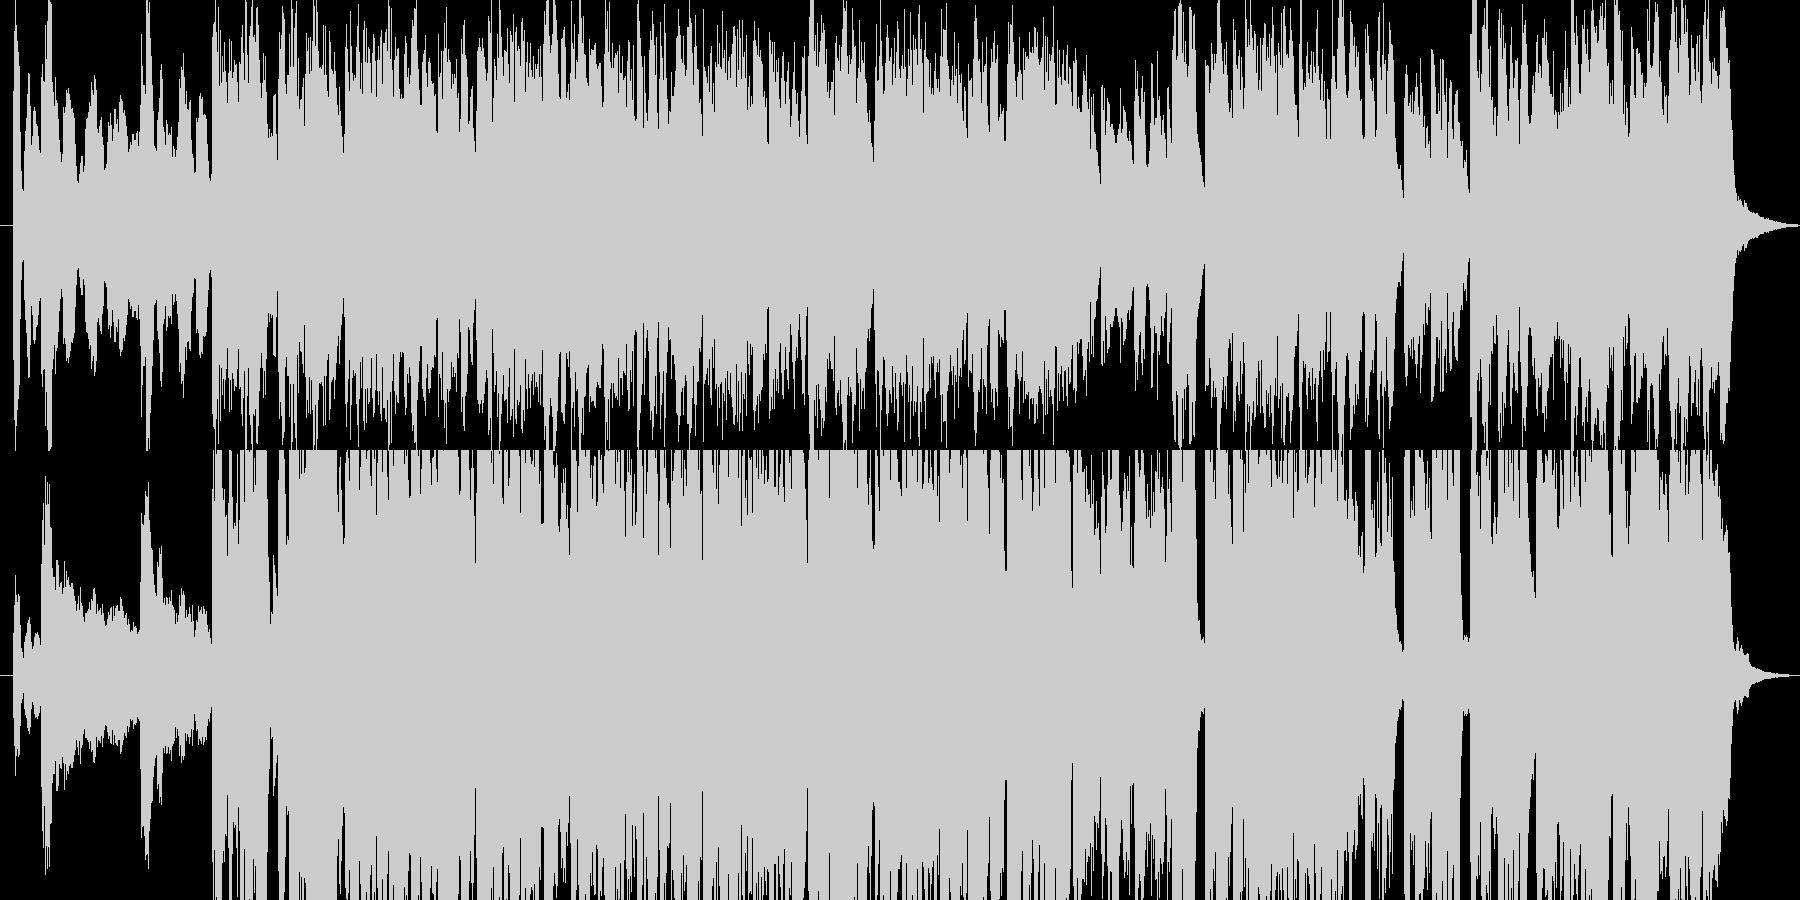 ケルトアイリッシュ聖剣伝説のフィールドの未再生の波形